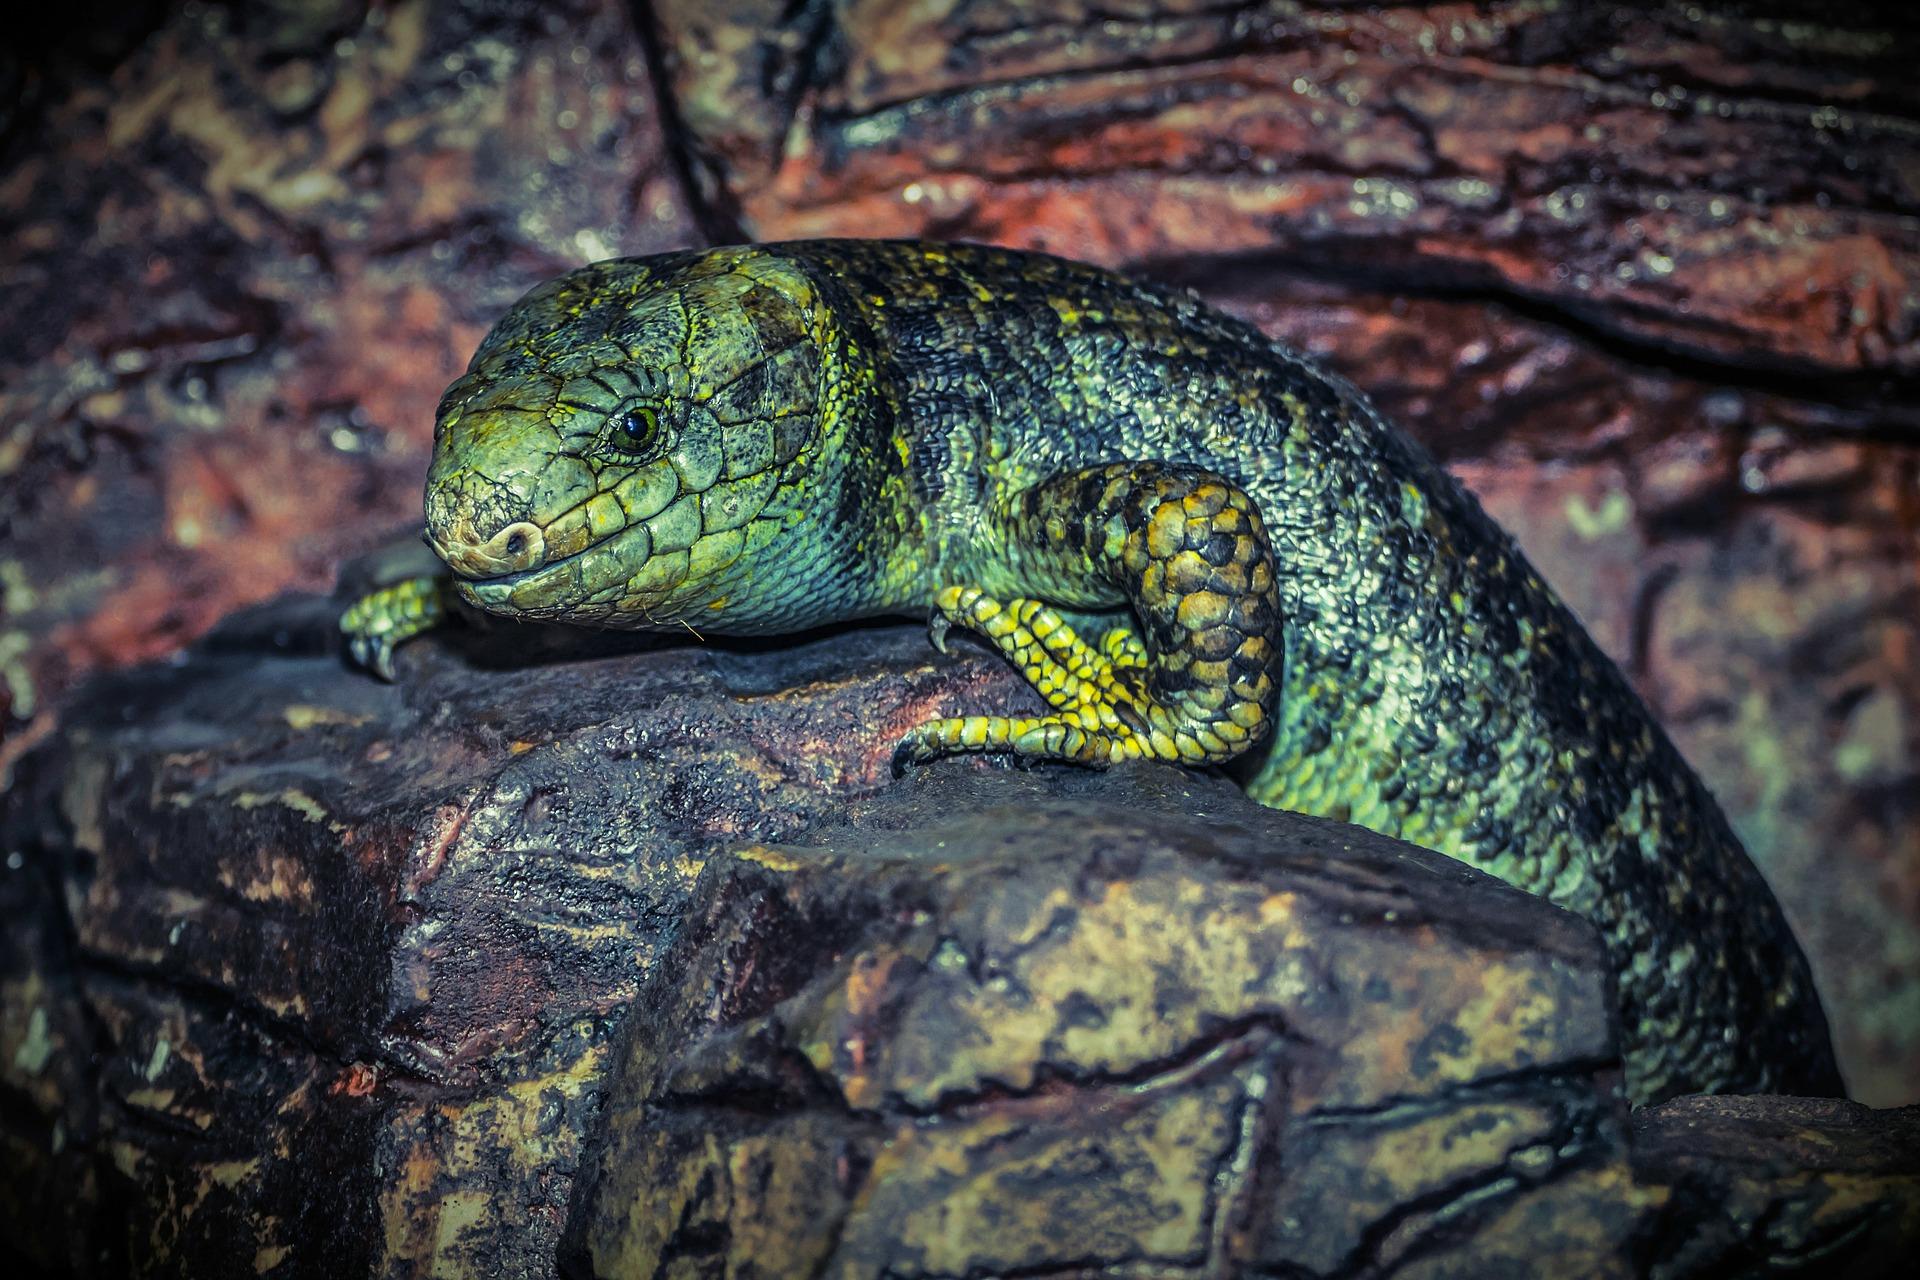 トカゲ, 爬虫類, ロカス, リラックス, グリーン - HD の壁紙 - 教授-falken.com